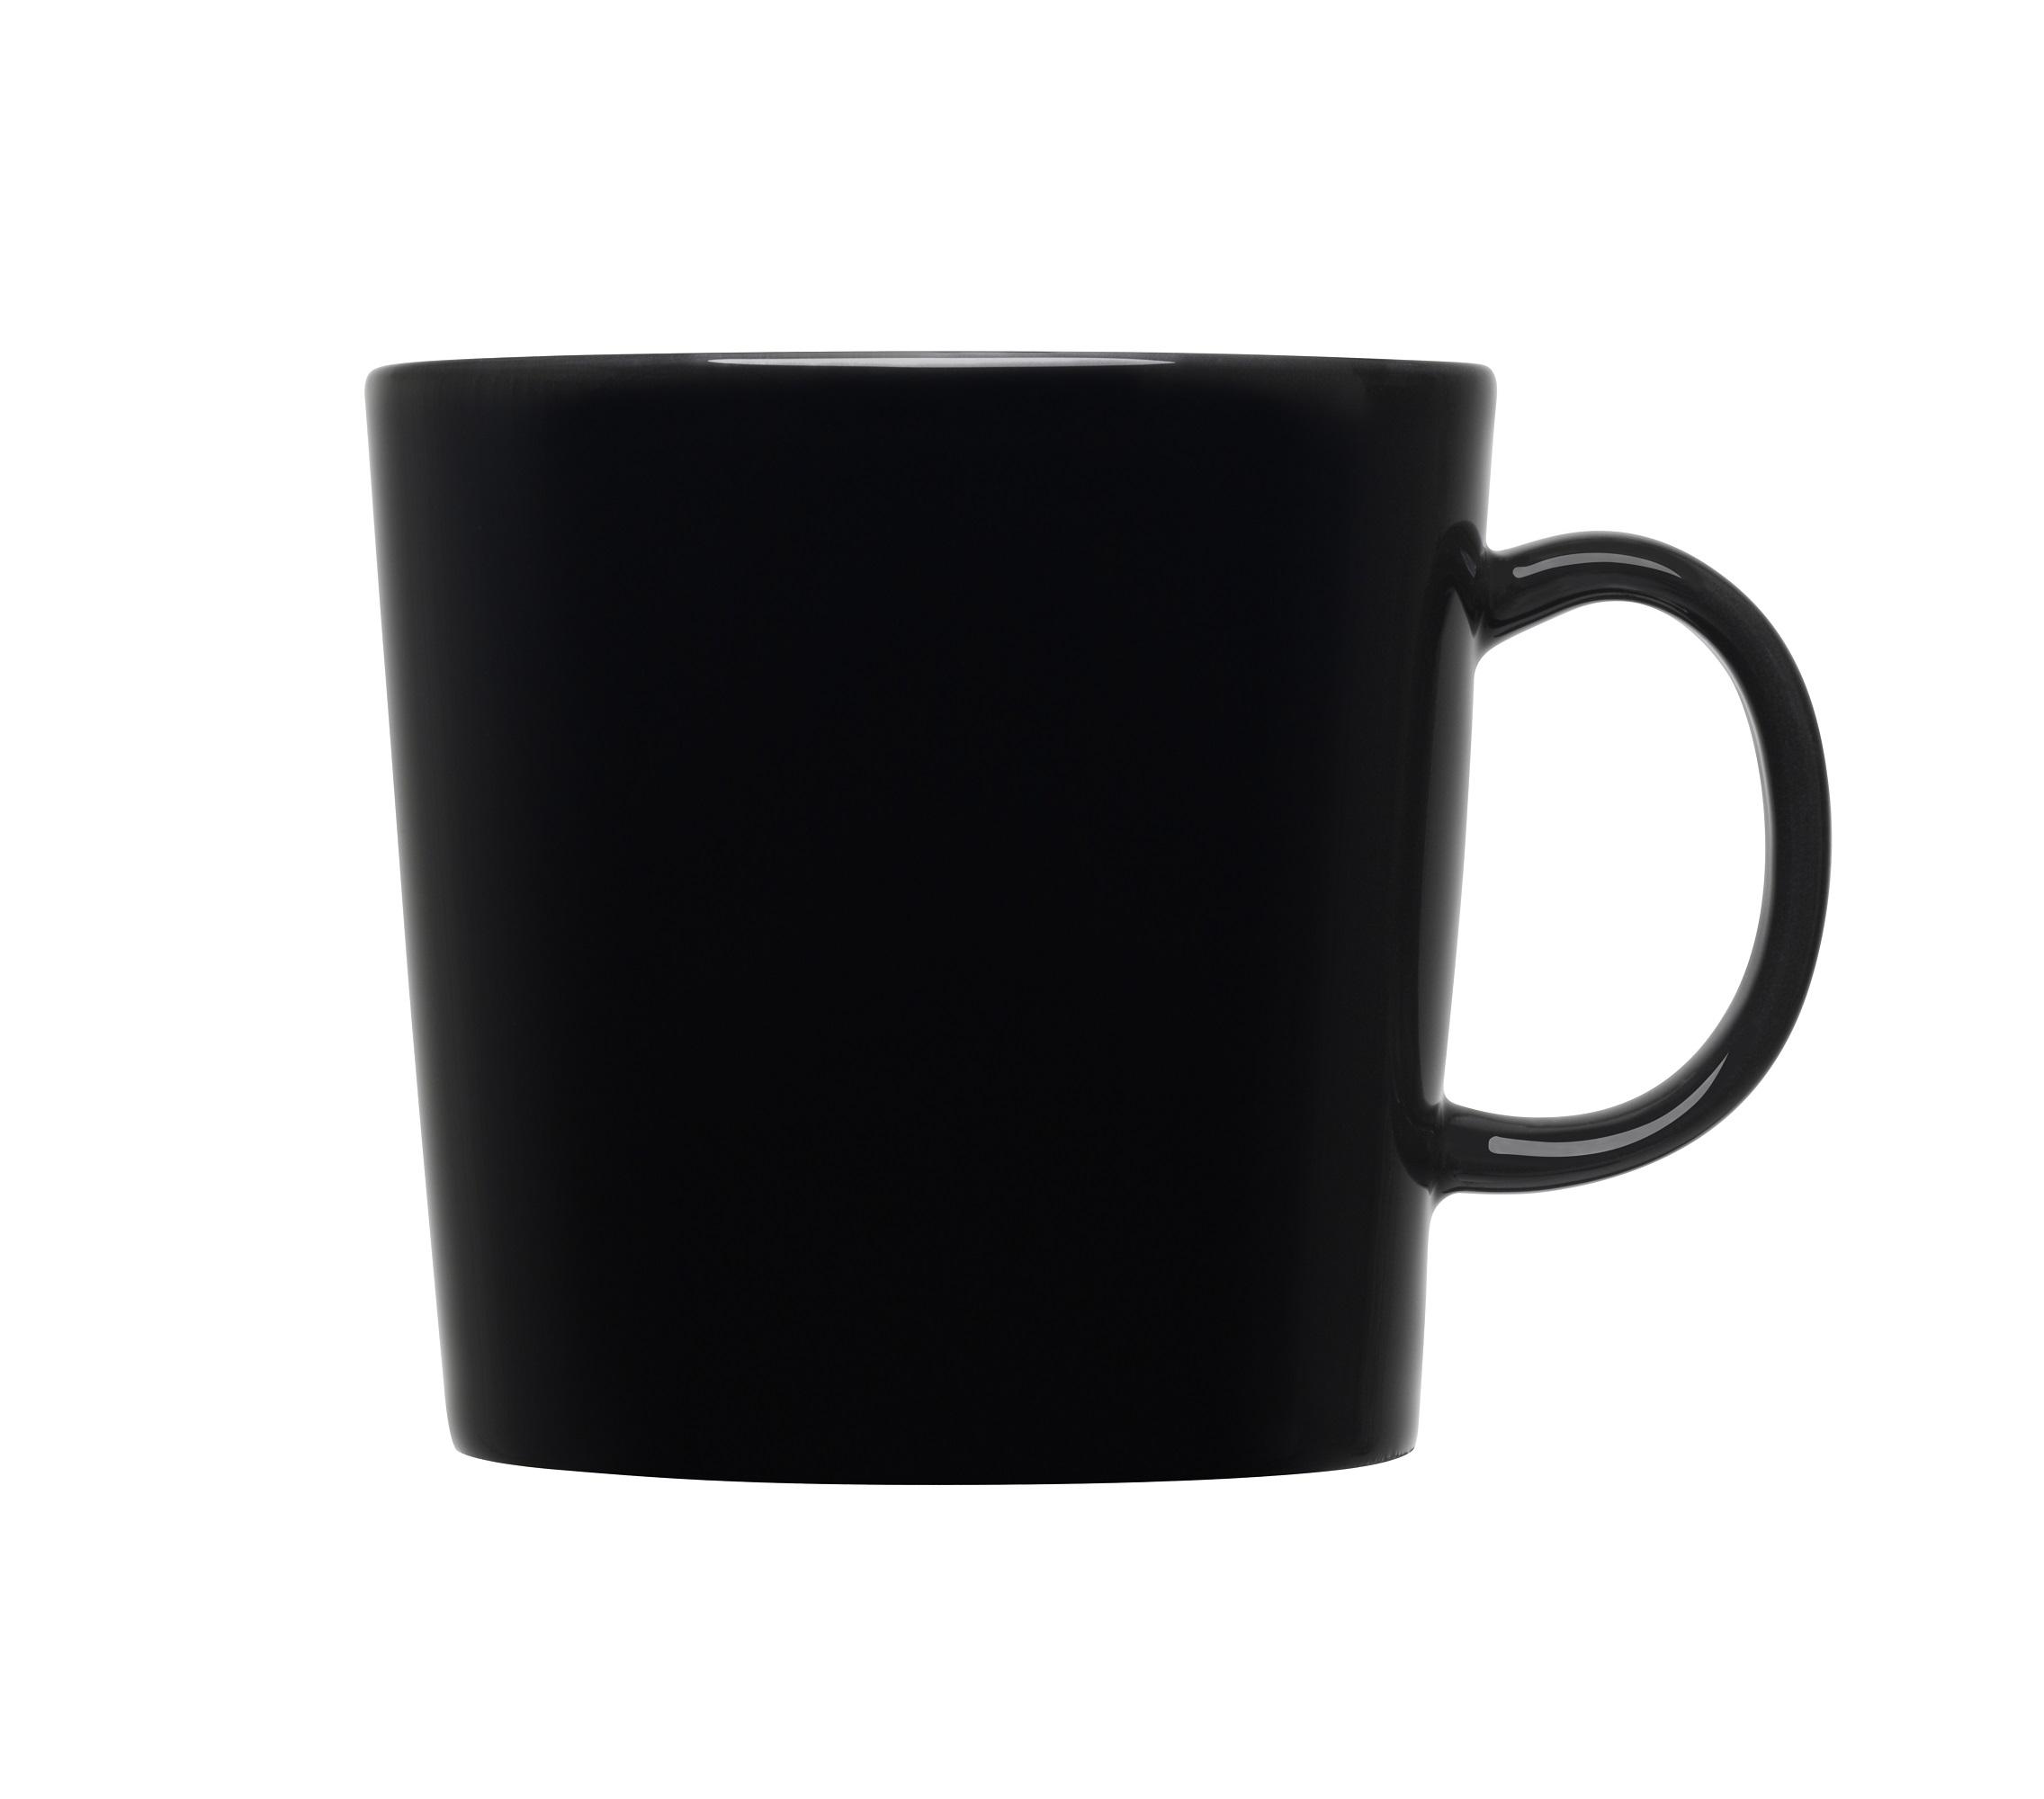 Кружка TeemaЧайные пары, чашки и кружки<br>Teema - это классика дизайна Iittala, каждый продукт имеет чёткие геометрические формы: круг, квадрат и прямоугольник. Как говорит Кай Франк: «Цвет является единственным украшением». Посуда серии Teema является универсальной, её можно комбинировать с любой серией Iittala. Она практична и лаконична.<br><br>Material: Фарфор<br>Ширина см: 12<br>Высота см: 8<br>Глубина см: 9